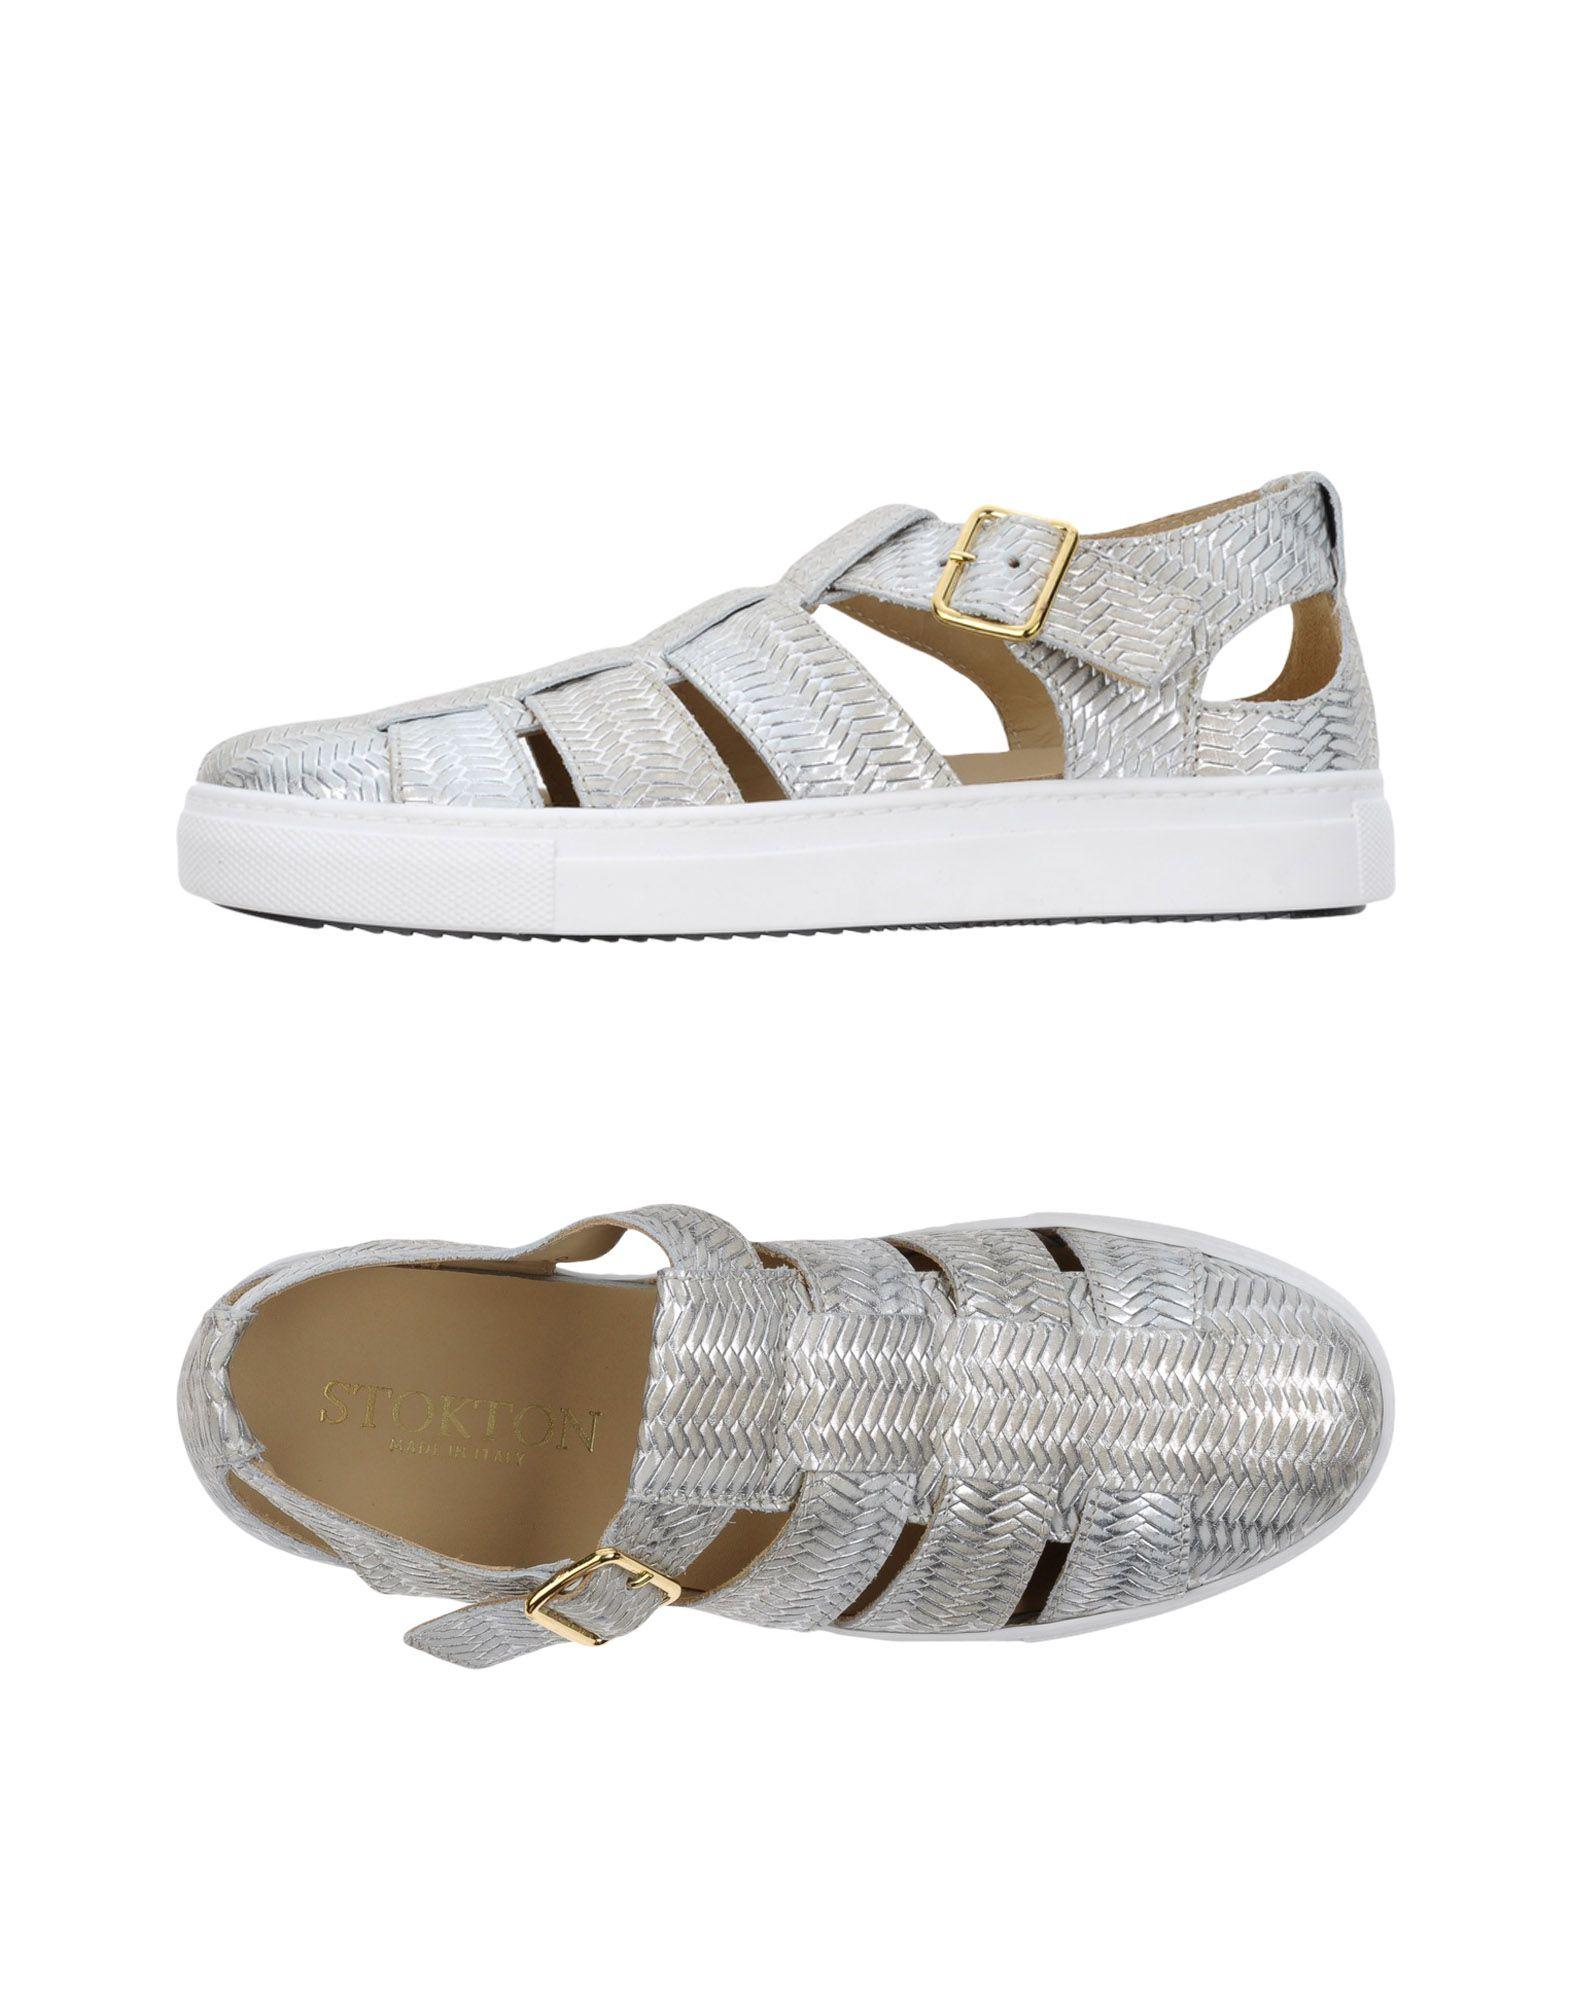 Stokton Sandalen Damen  11361048TT Schuhe Gute Qualität beliebte Schuhe 11361048TT fcf068